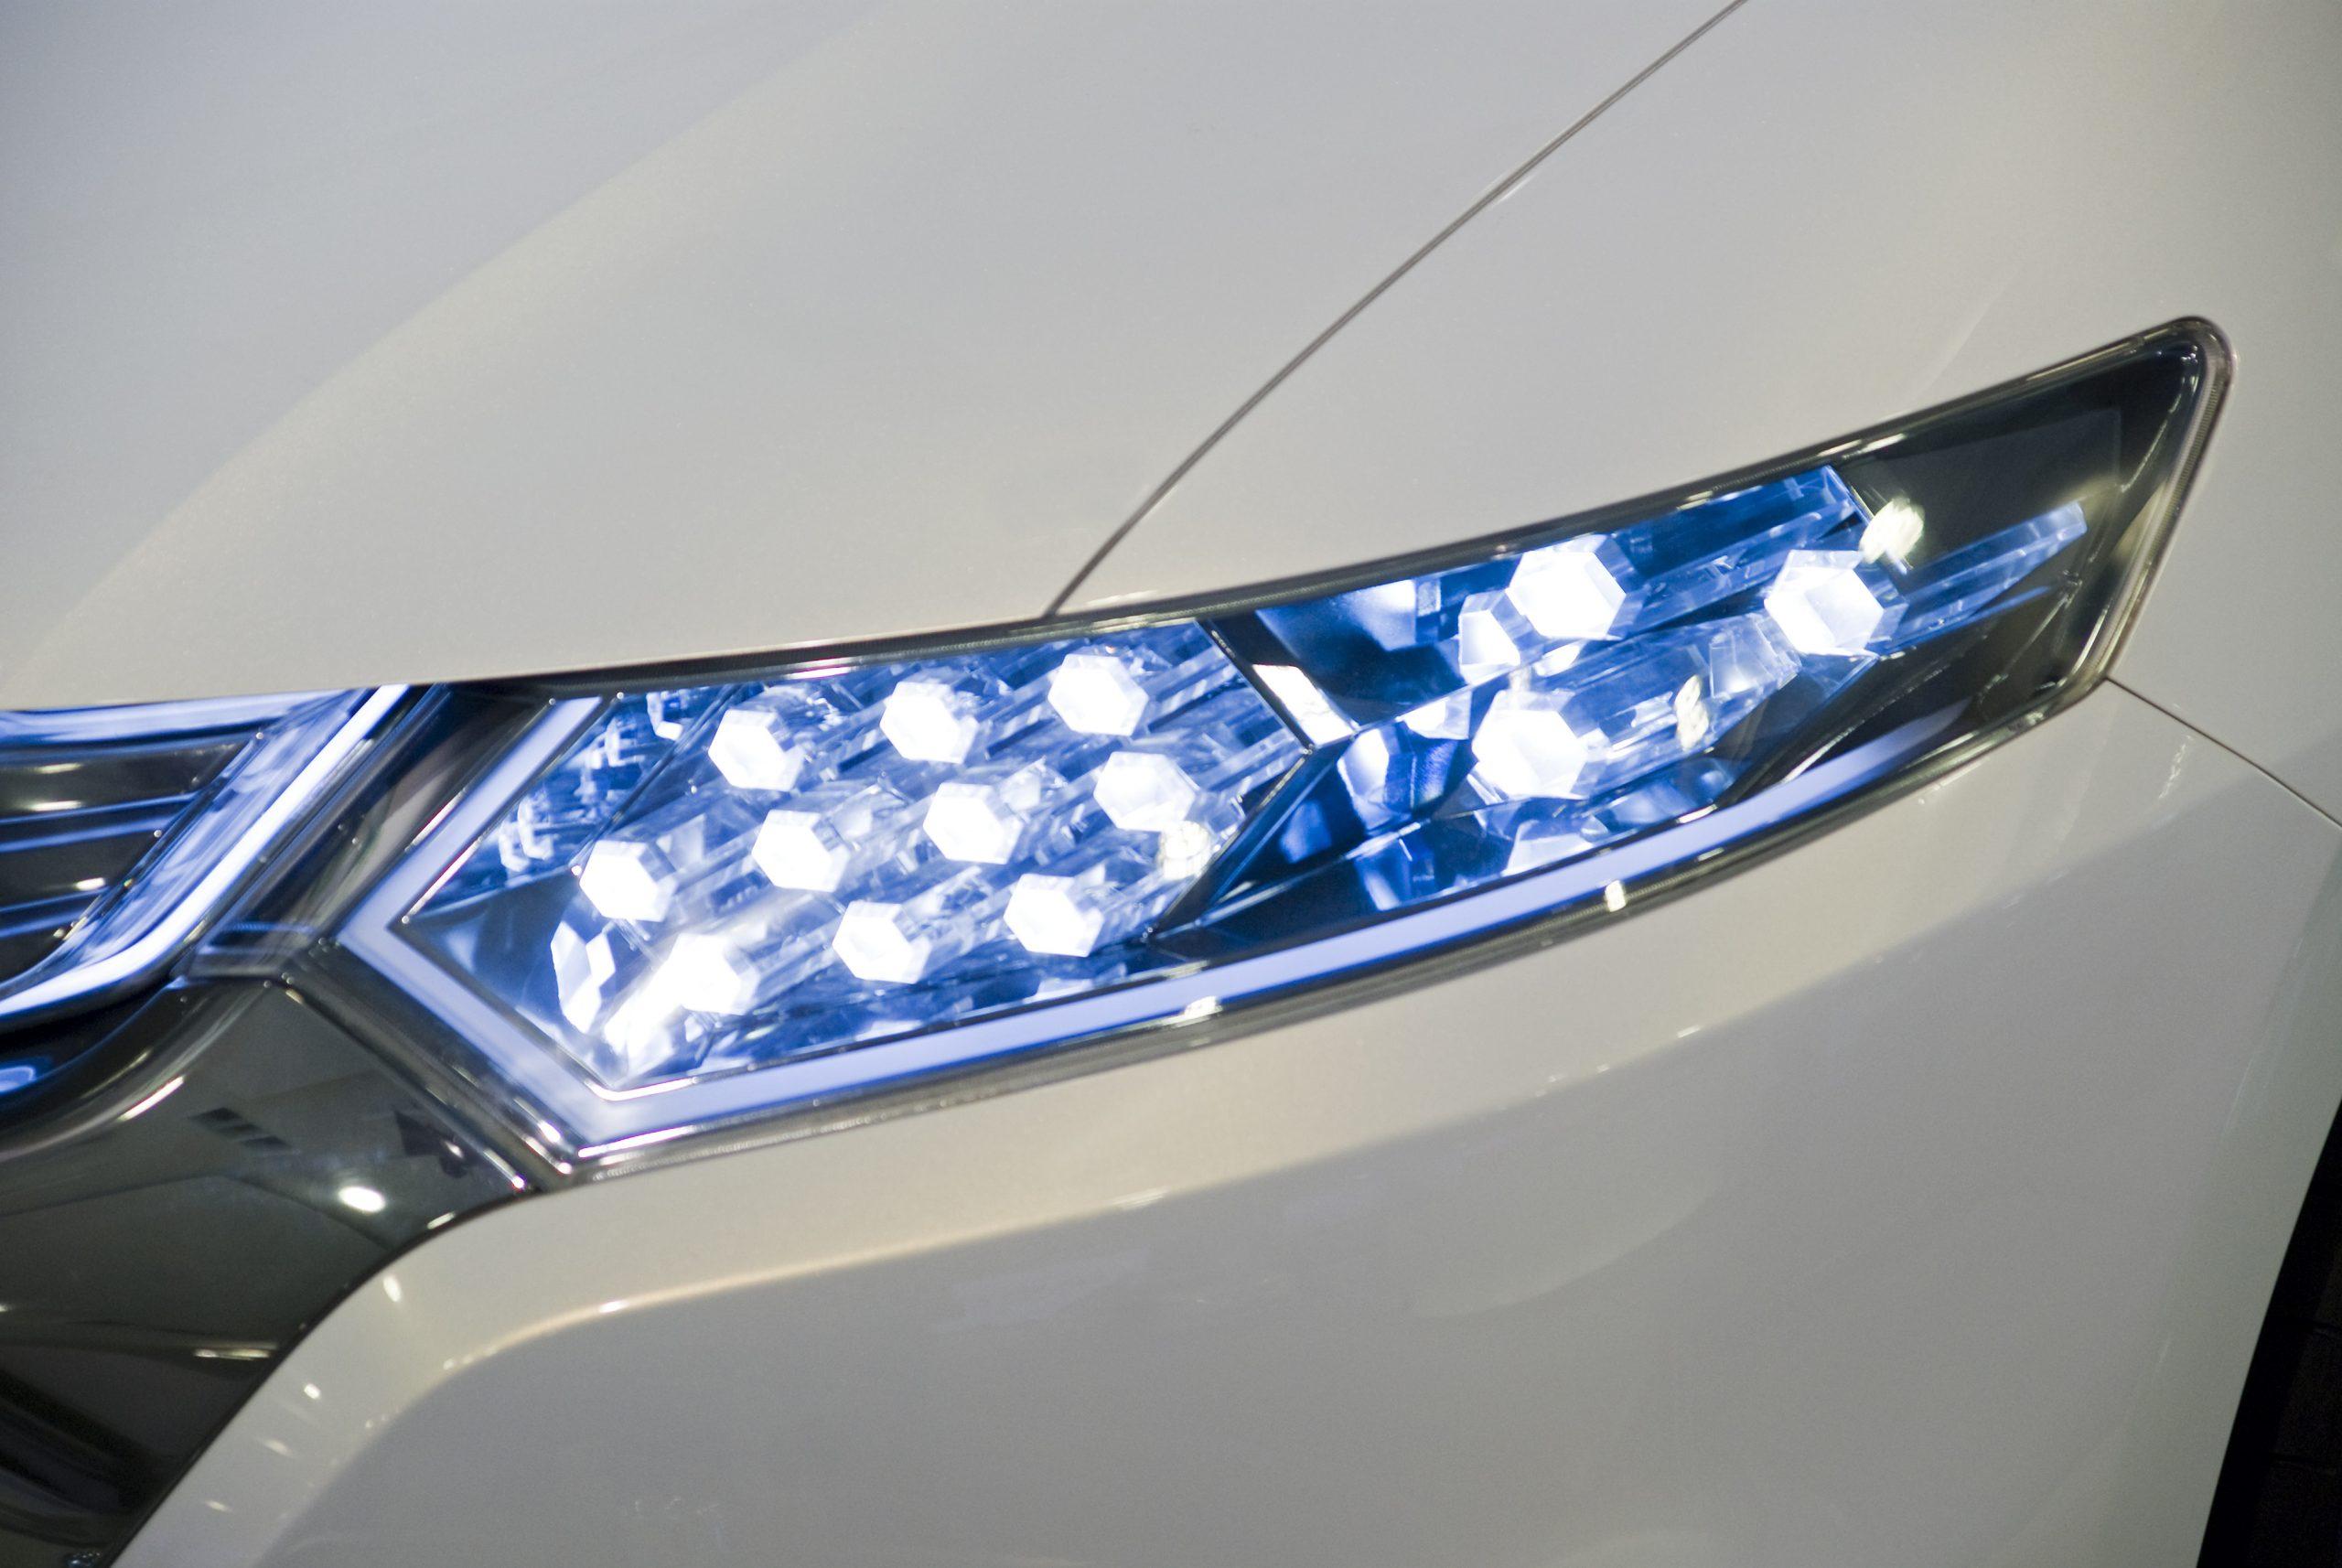 Éclairage Automobile — Wikipédia à Jeux De Voiture Avec Feu Rouge